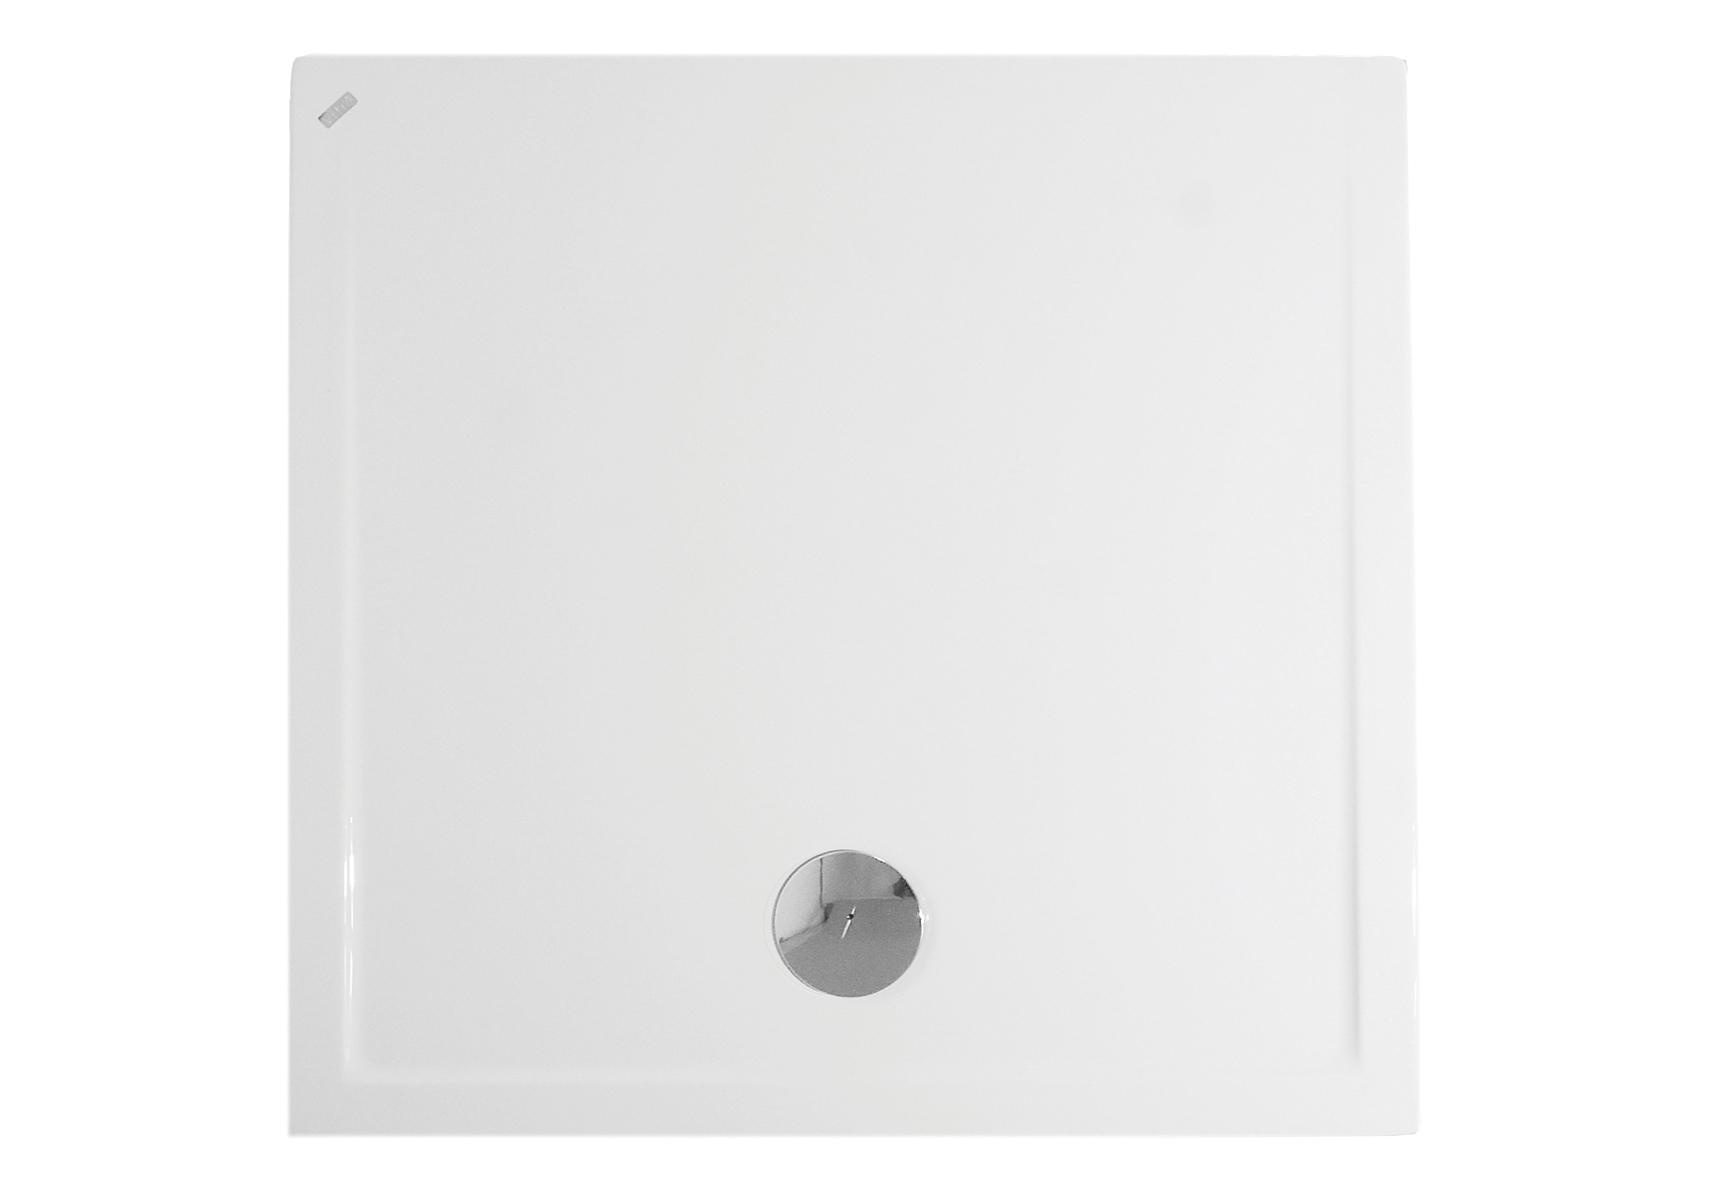 Fit receveur ultra plat en acrylique, 3,2 mm, à poser, carré, 90  x  90 cm, VitrA Antislip